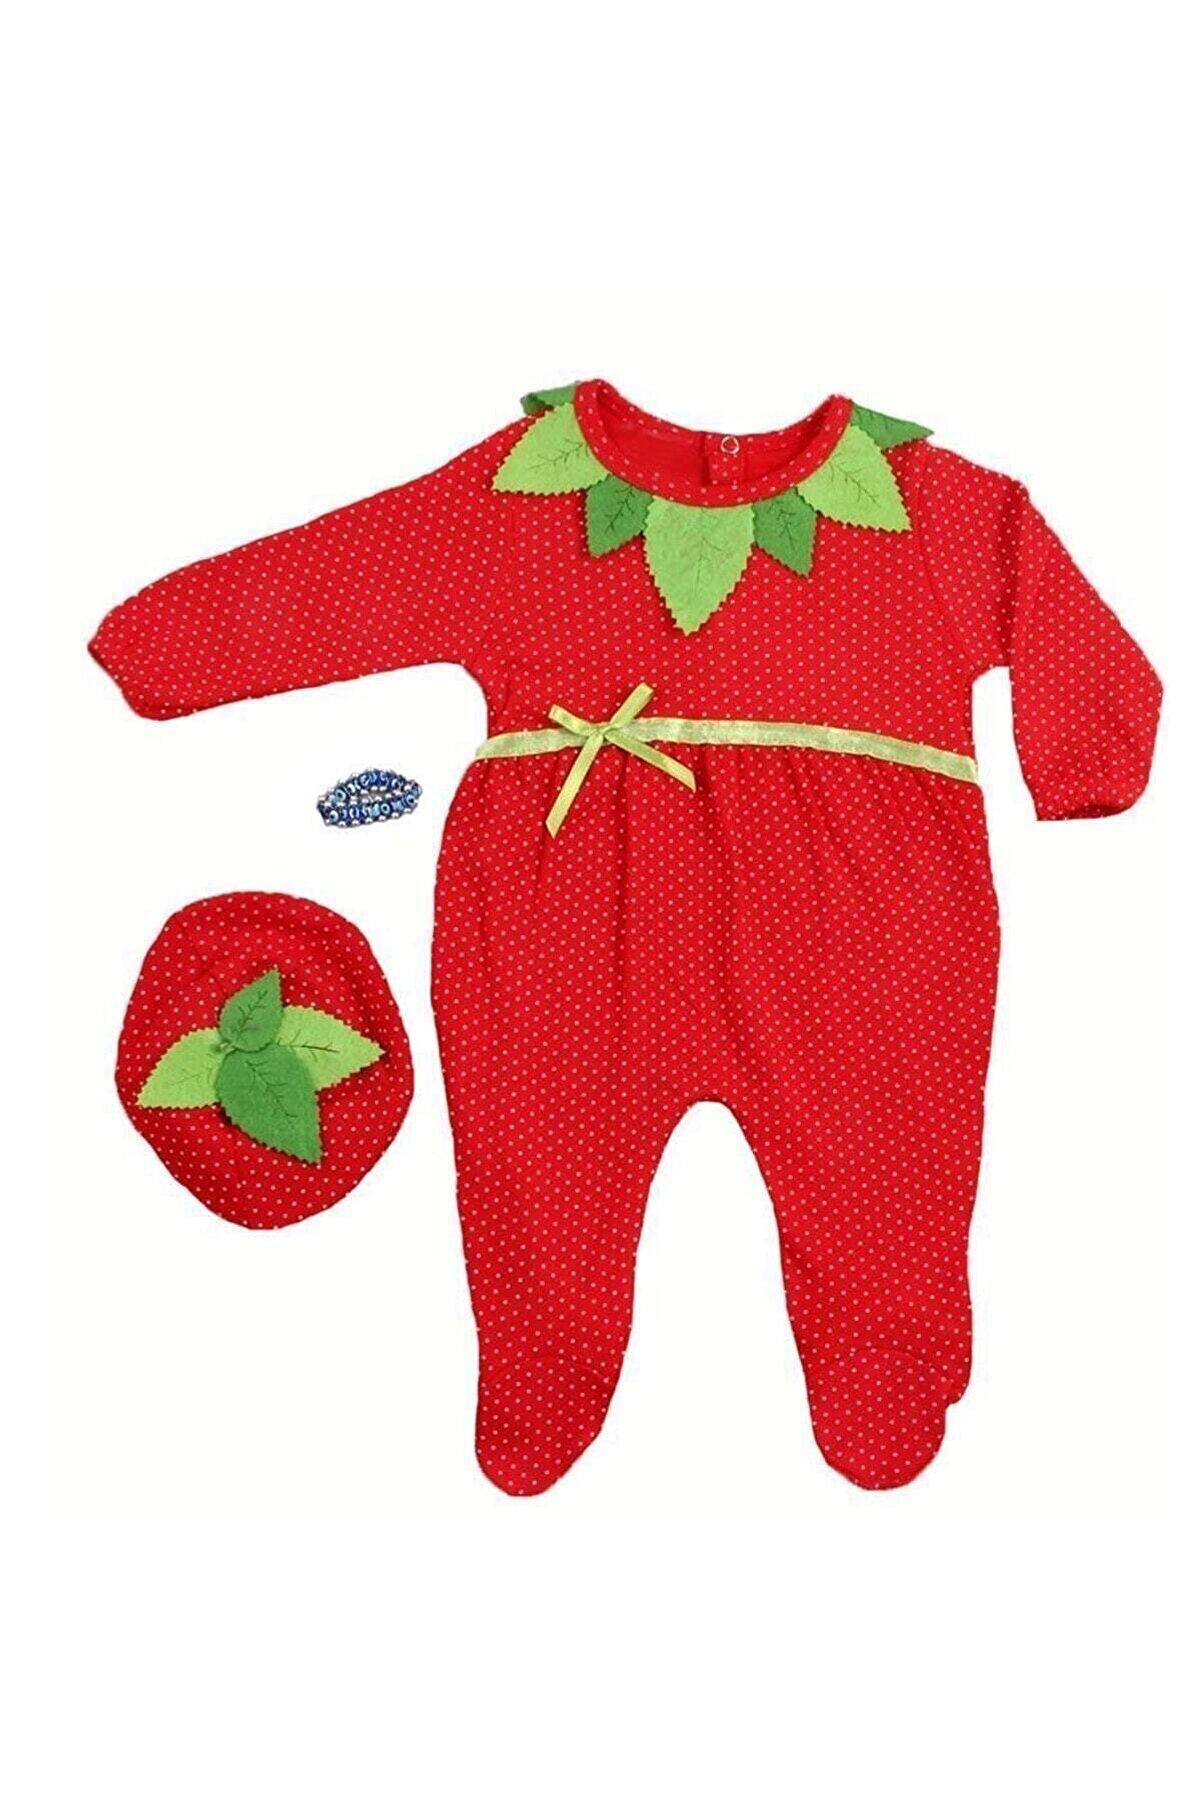 BabyTio 0-6 Ay Kız Bebek Çilek Tulum 3 Lü Set